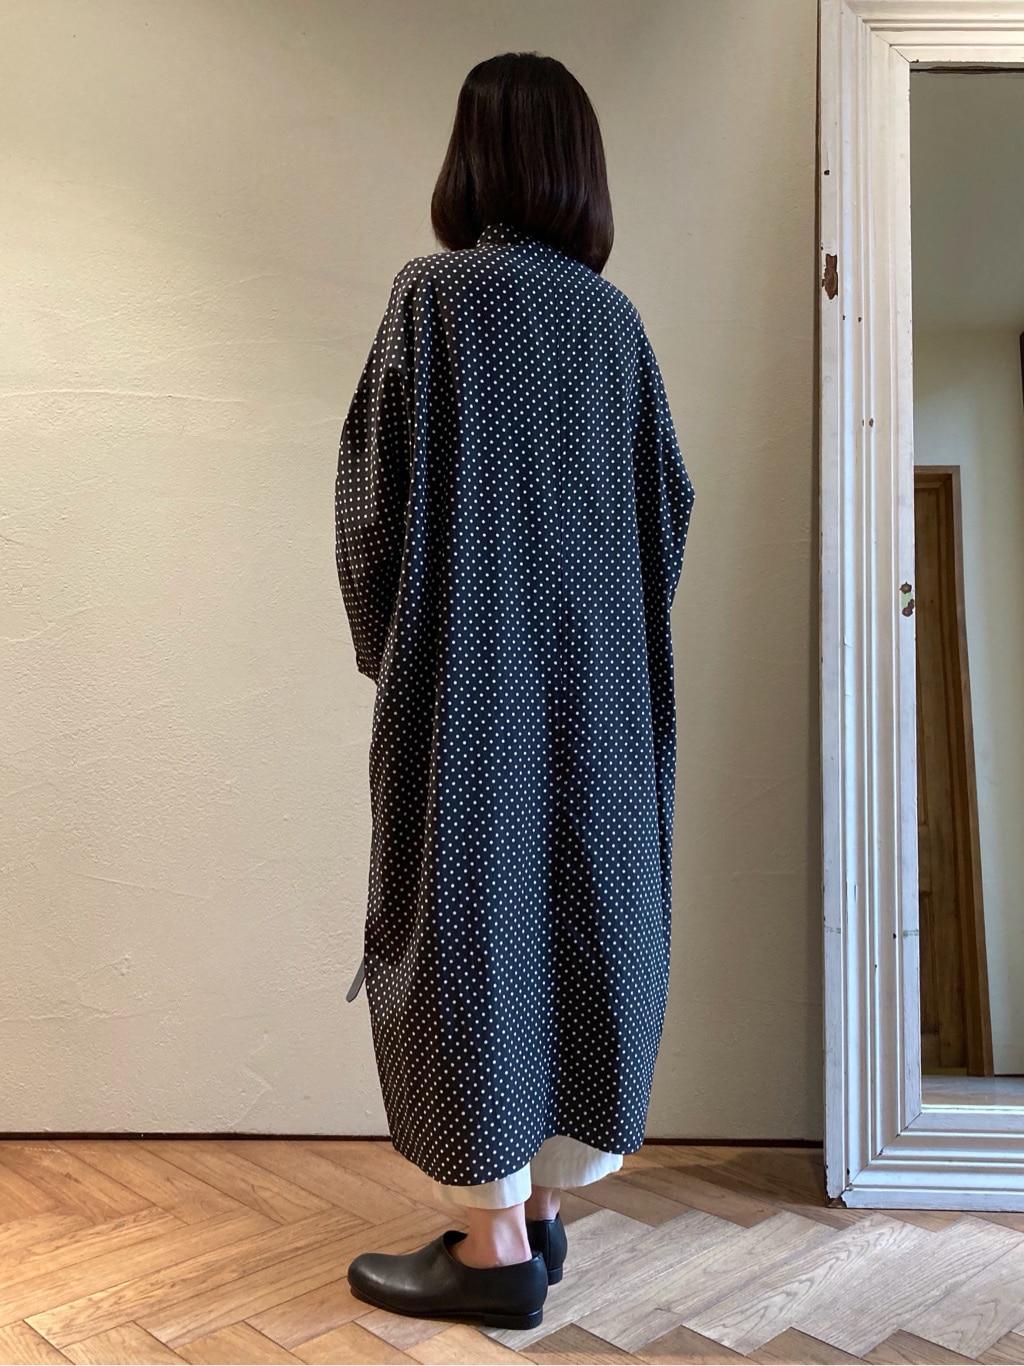 yuni 京都路面 身長:152cm 2021.03.04